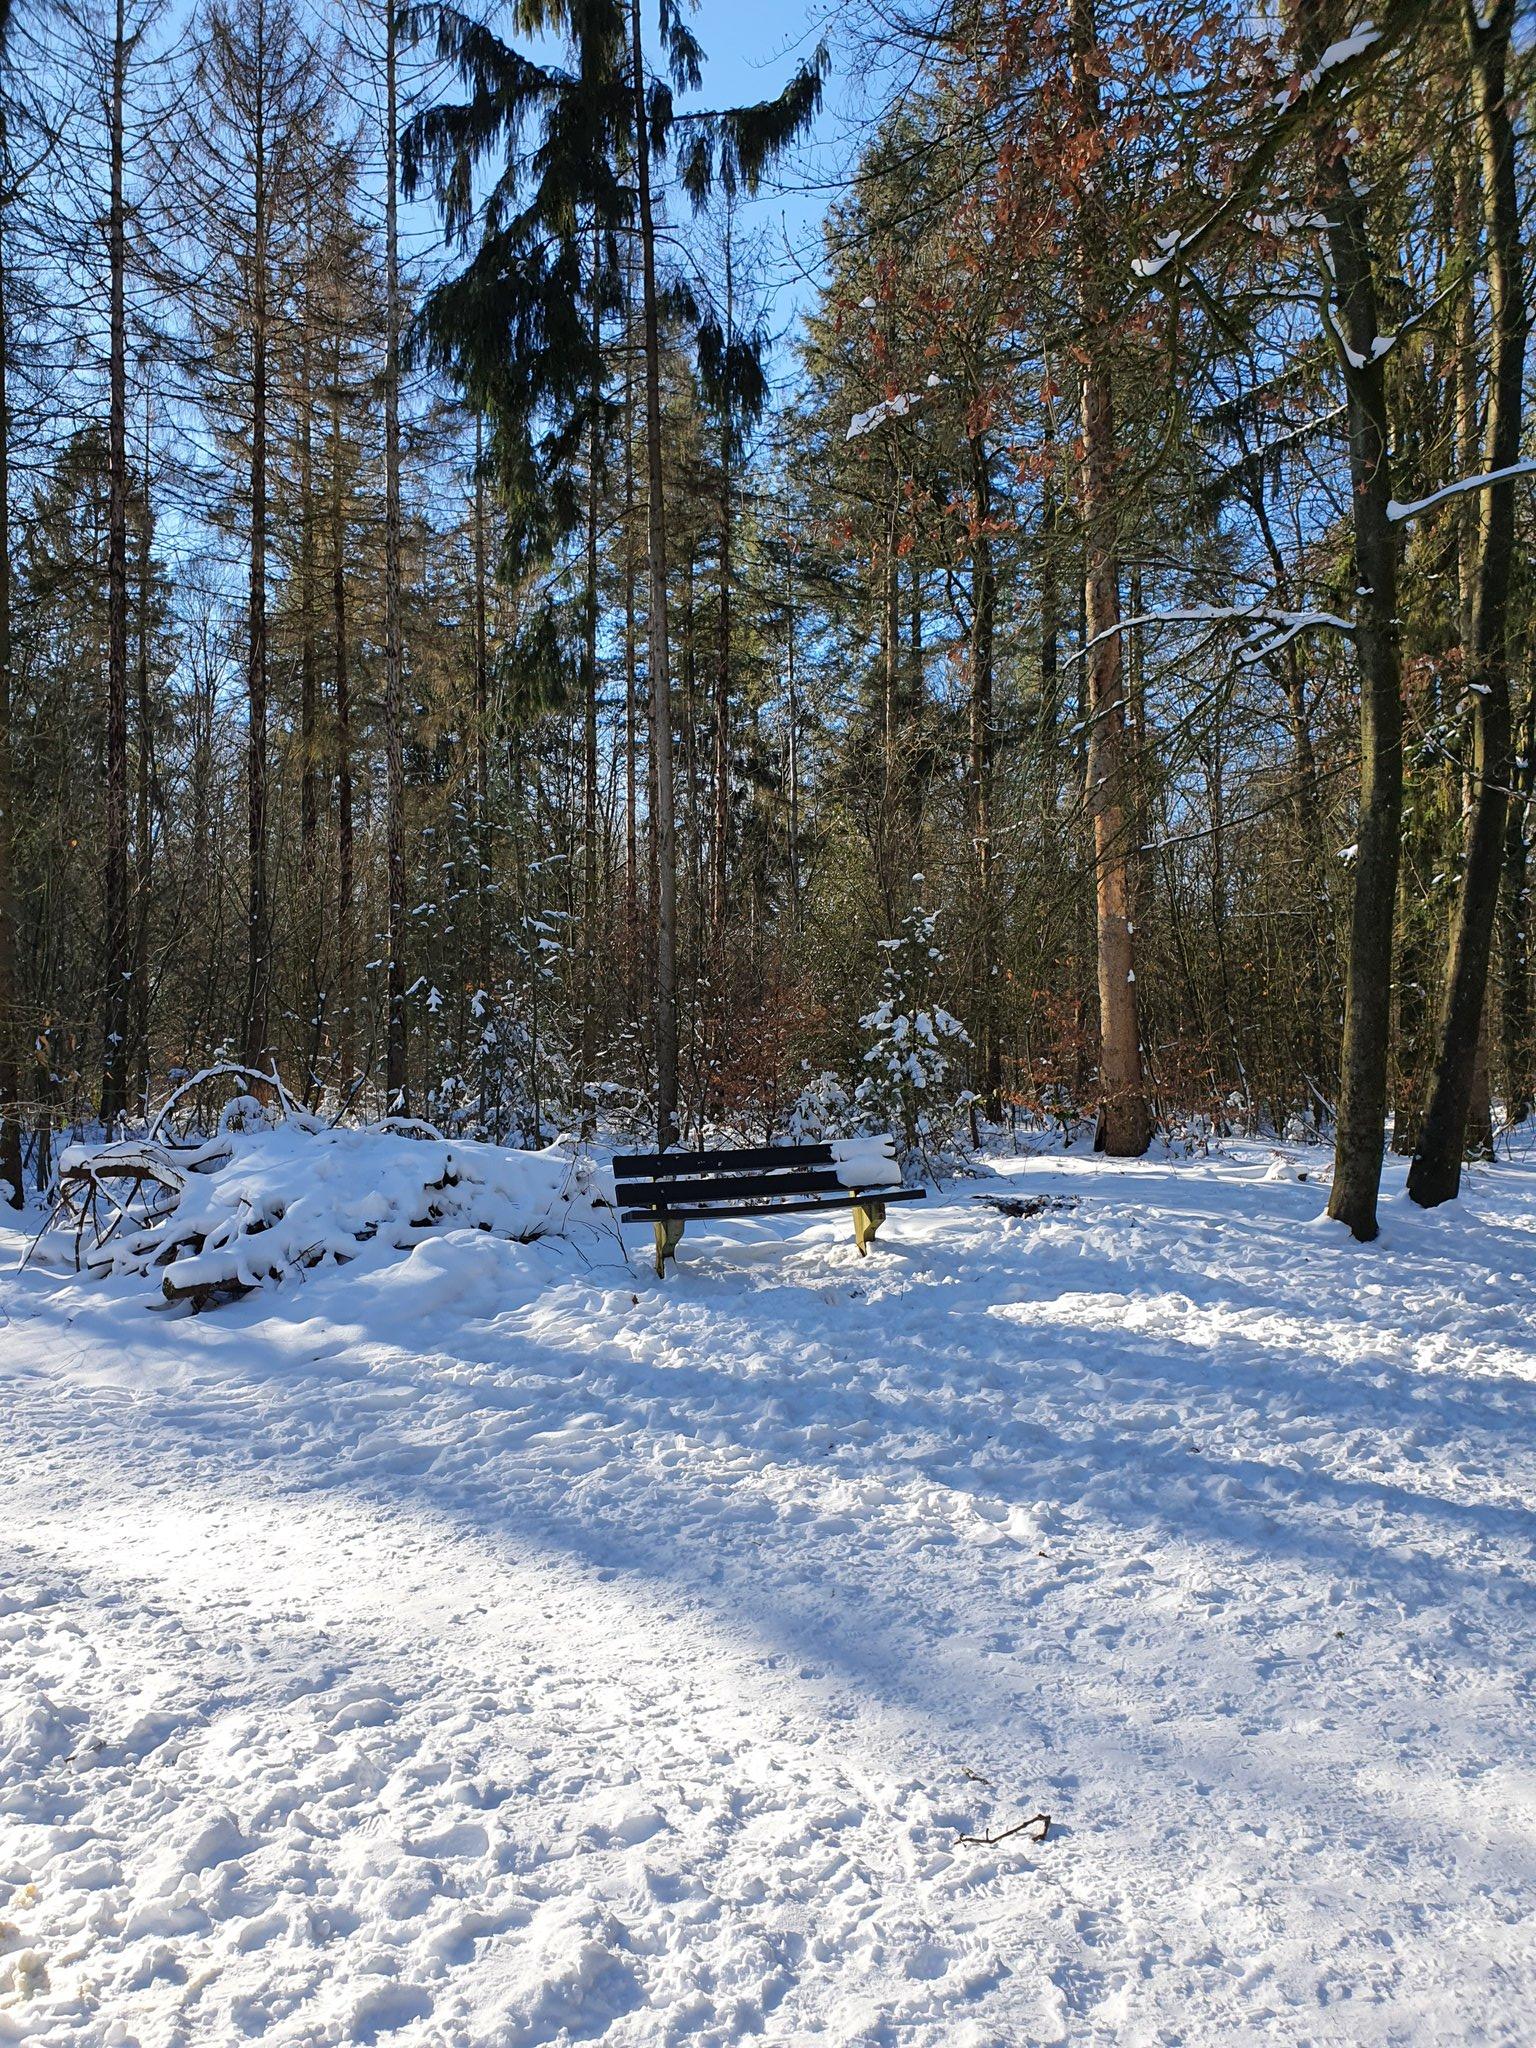 rt-simmajalis-mooie-route-ook-voor-de-slee-rijssen-wandelbankjes-bankjes-genoeg-sneeuwpret-https-t-co-7lardsfa72